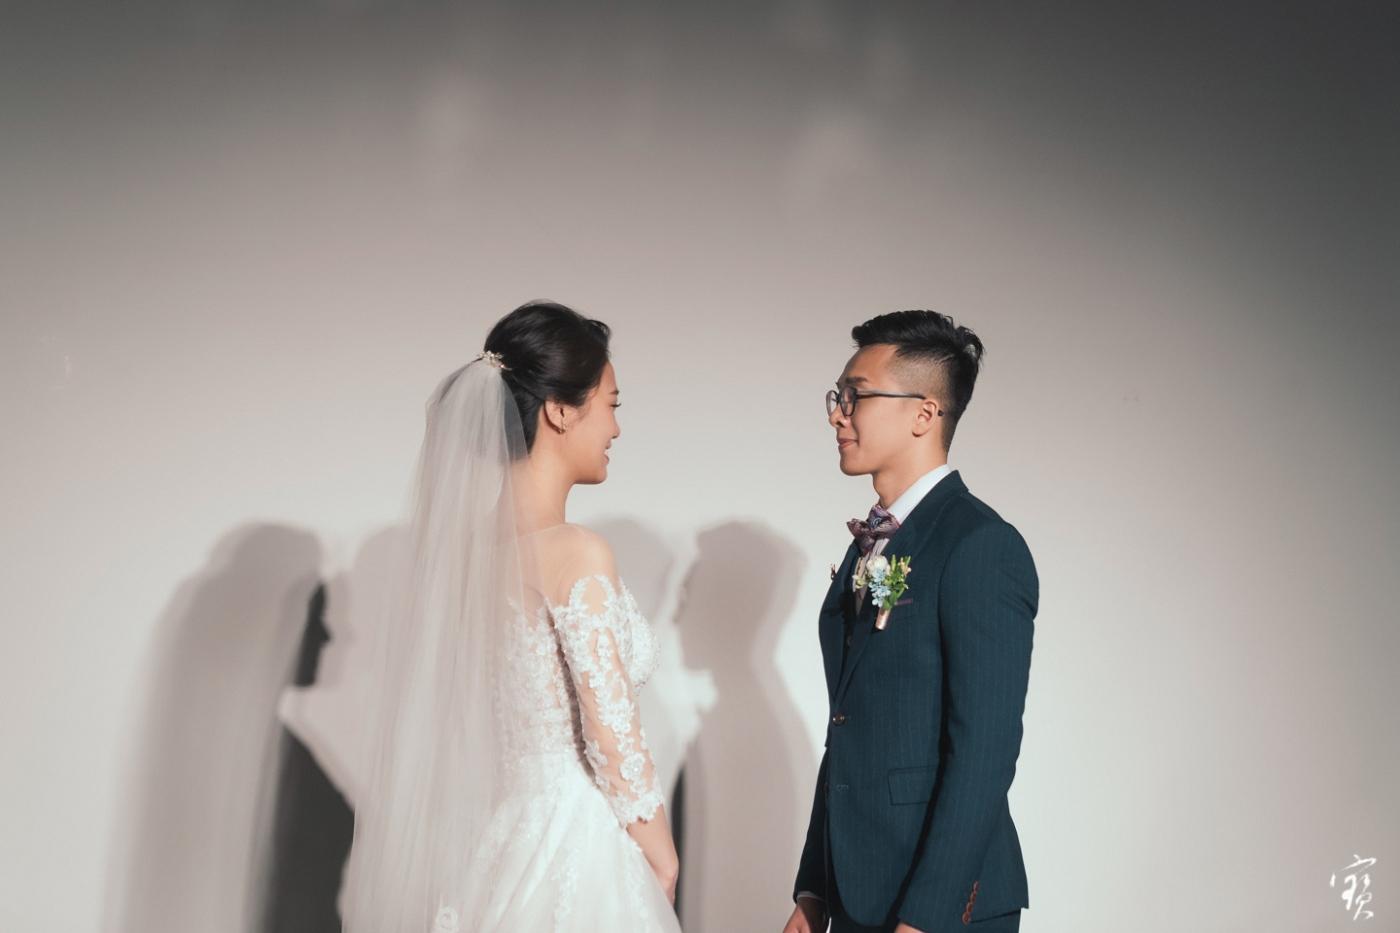 婚禮攝影 婚紗 大直 典華 冬半影像 攝影師大寶 北部攝影 台北攝影 桃園攝影 新竹攝影20181208-350